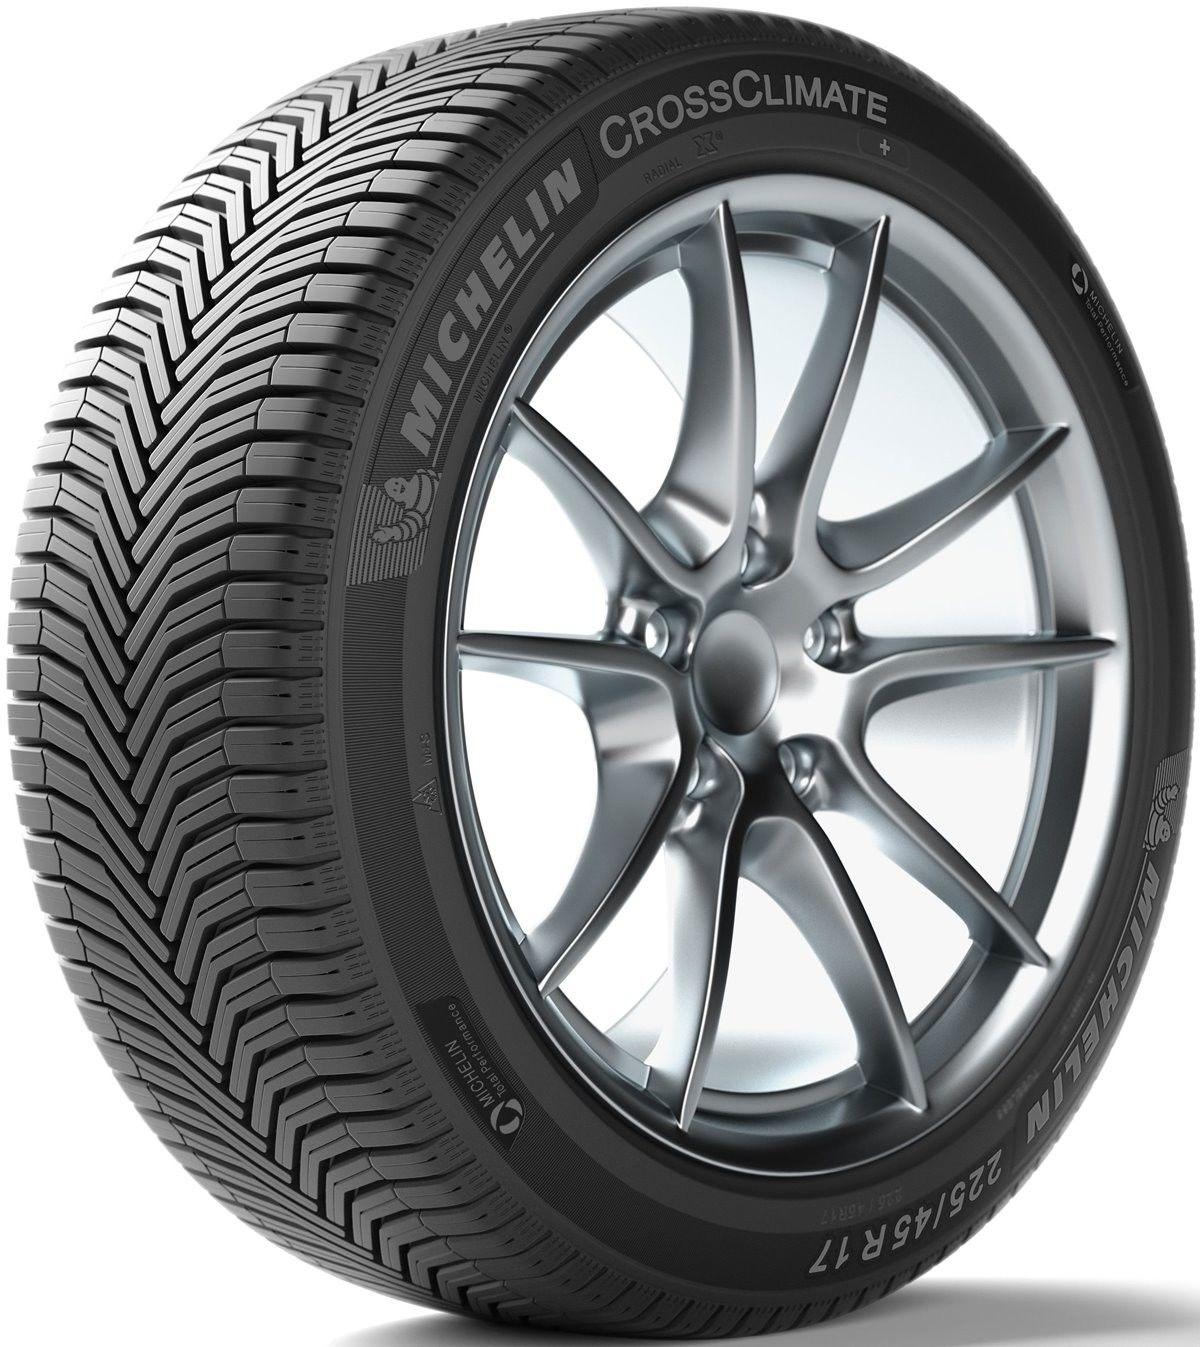 Michelin CrossClimate+ 185/65R15 92 T XL